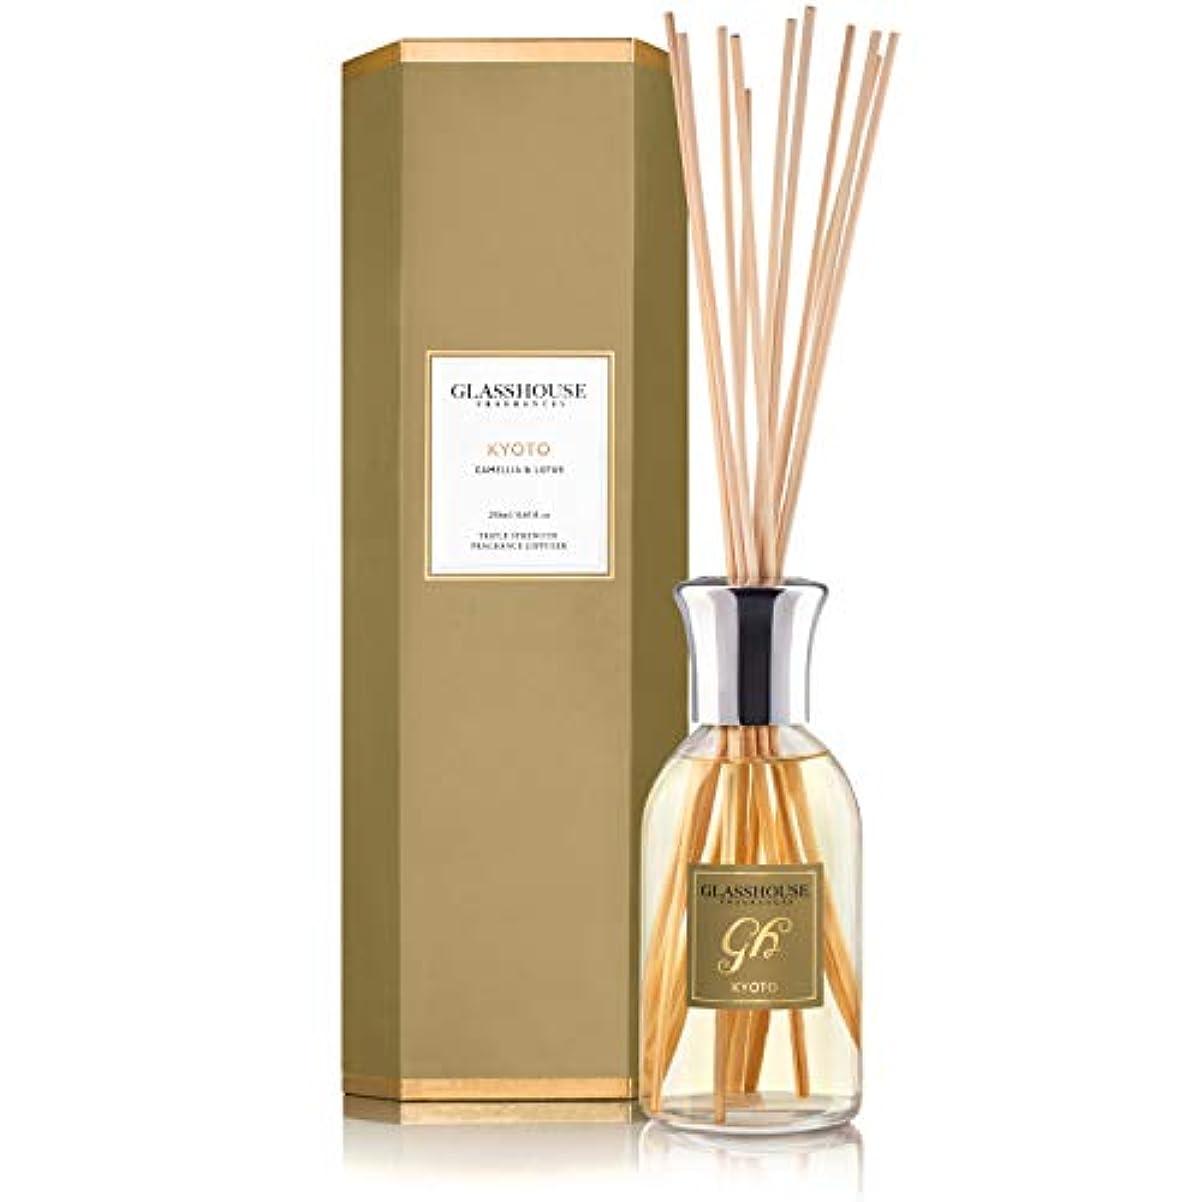 情緒的ゆり失敗グラスハウス Triple Strength Fragrance Diffuser - Kyoto (Camellia & Lotus) 250ml/8.45oz並行輸入品